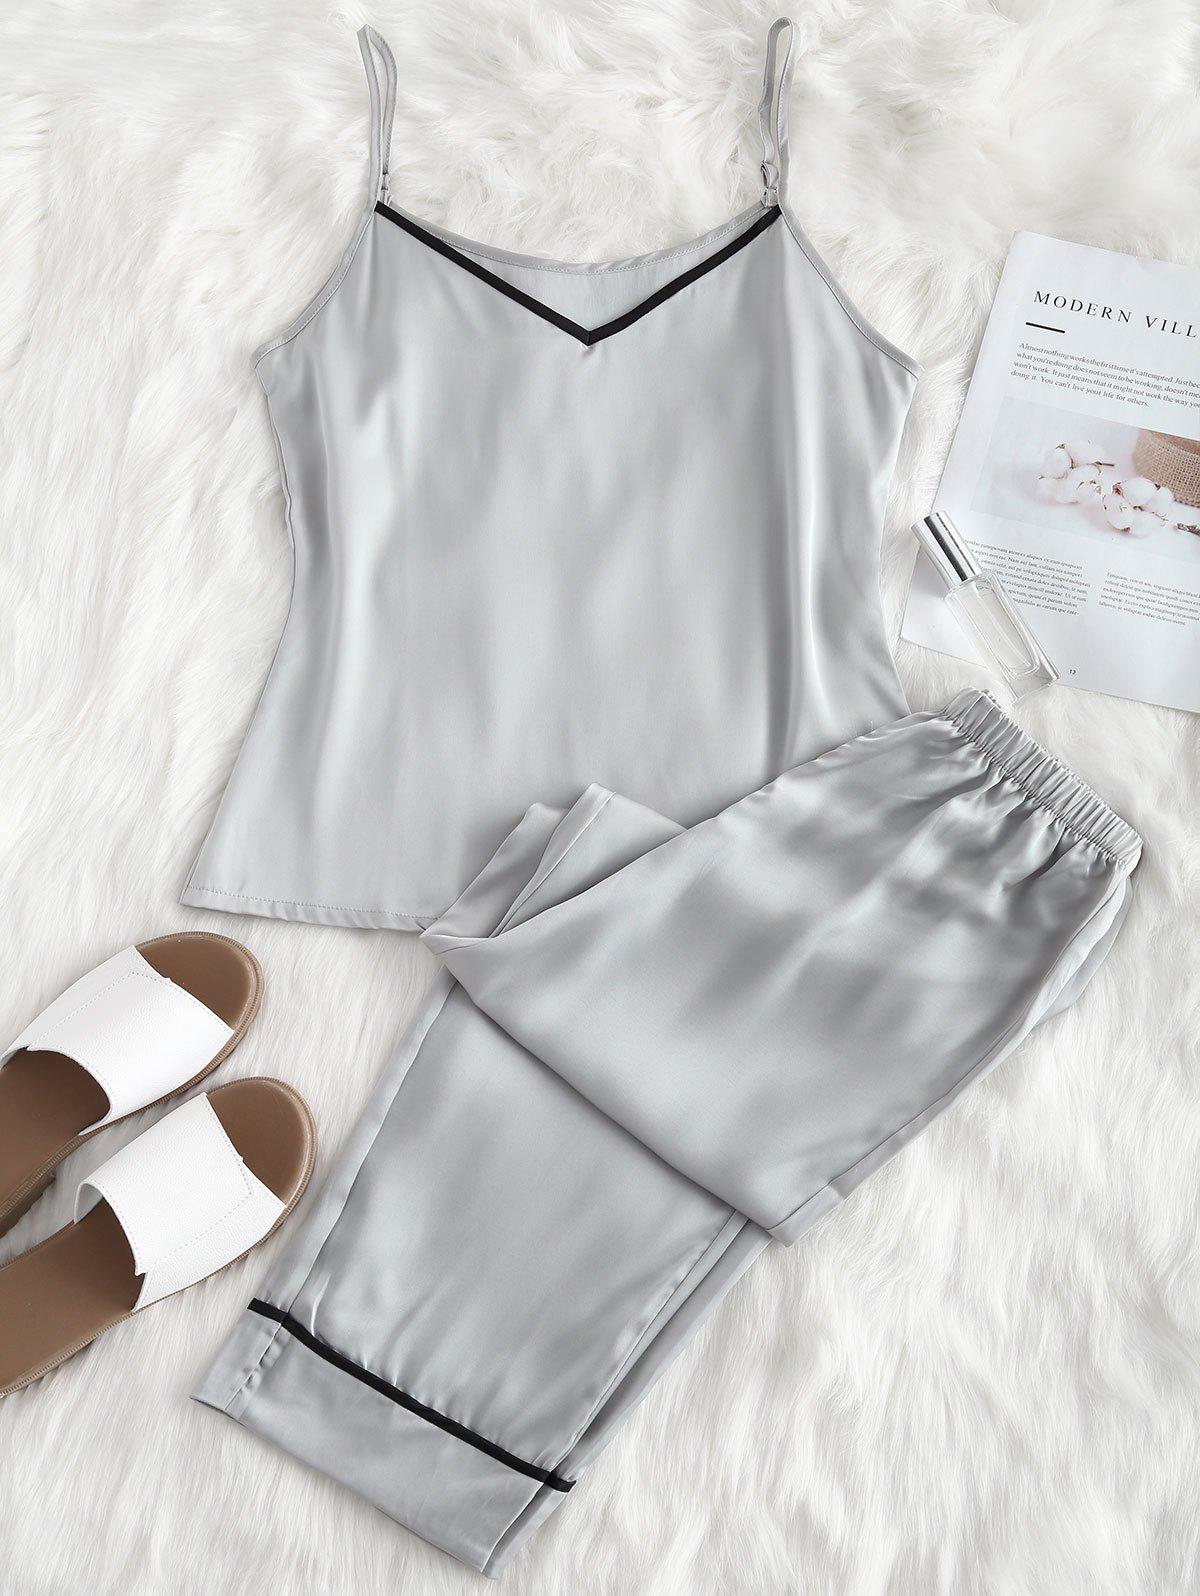 Satin Cami Top and Pants Pajama Set